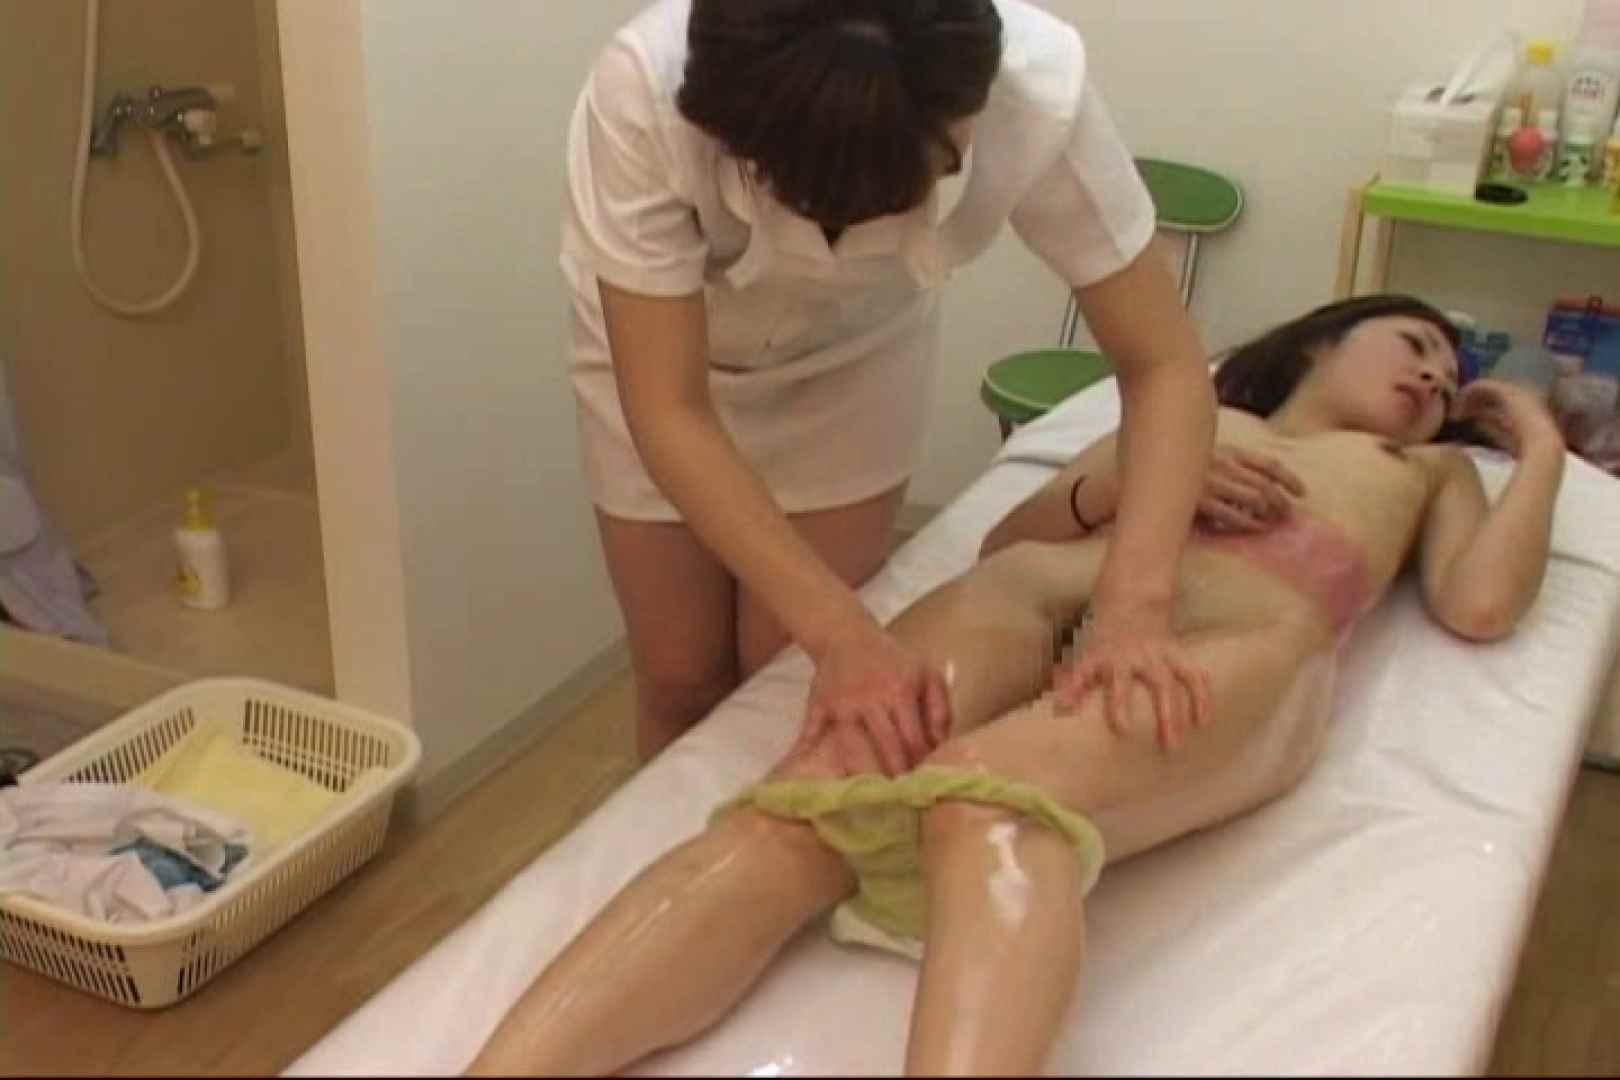 非合法レズエステサロンVol.1 潜入 盗撮われめAV動画紹介 45pic 34